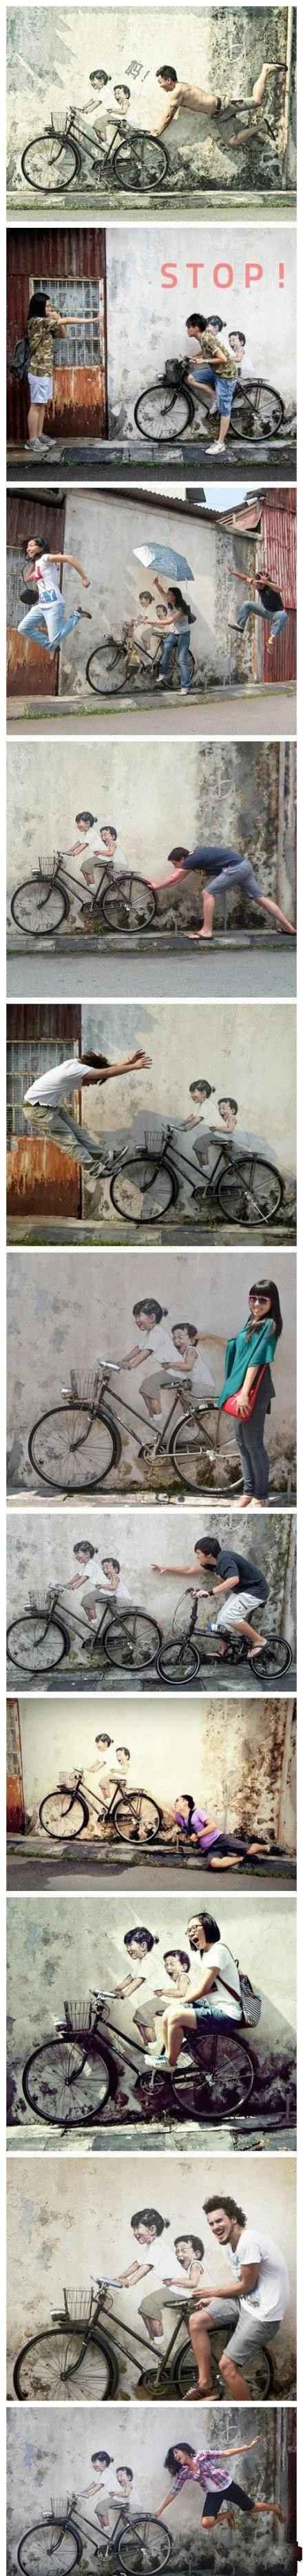 在马来西亚槟城的某街道小巷内,一幅绘制于墙面上的普通绘画:姐弟俩欢快地骑自行车,配合一辆真实的自行车道具,吸引了众多居民与路人前来参观,并争相摆出各种创意造型,于是就出现了下面一个个非常有趣、搞怪的场景,非常的有创意。